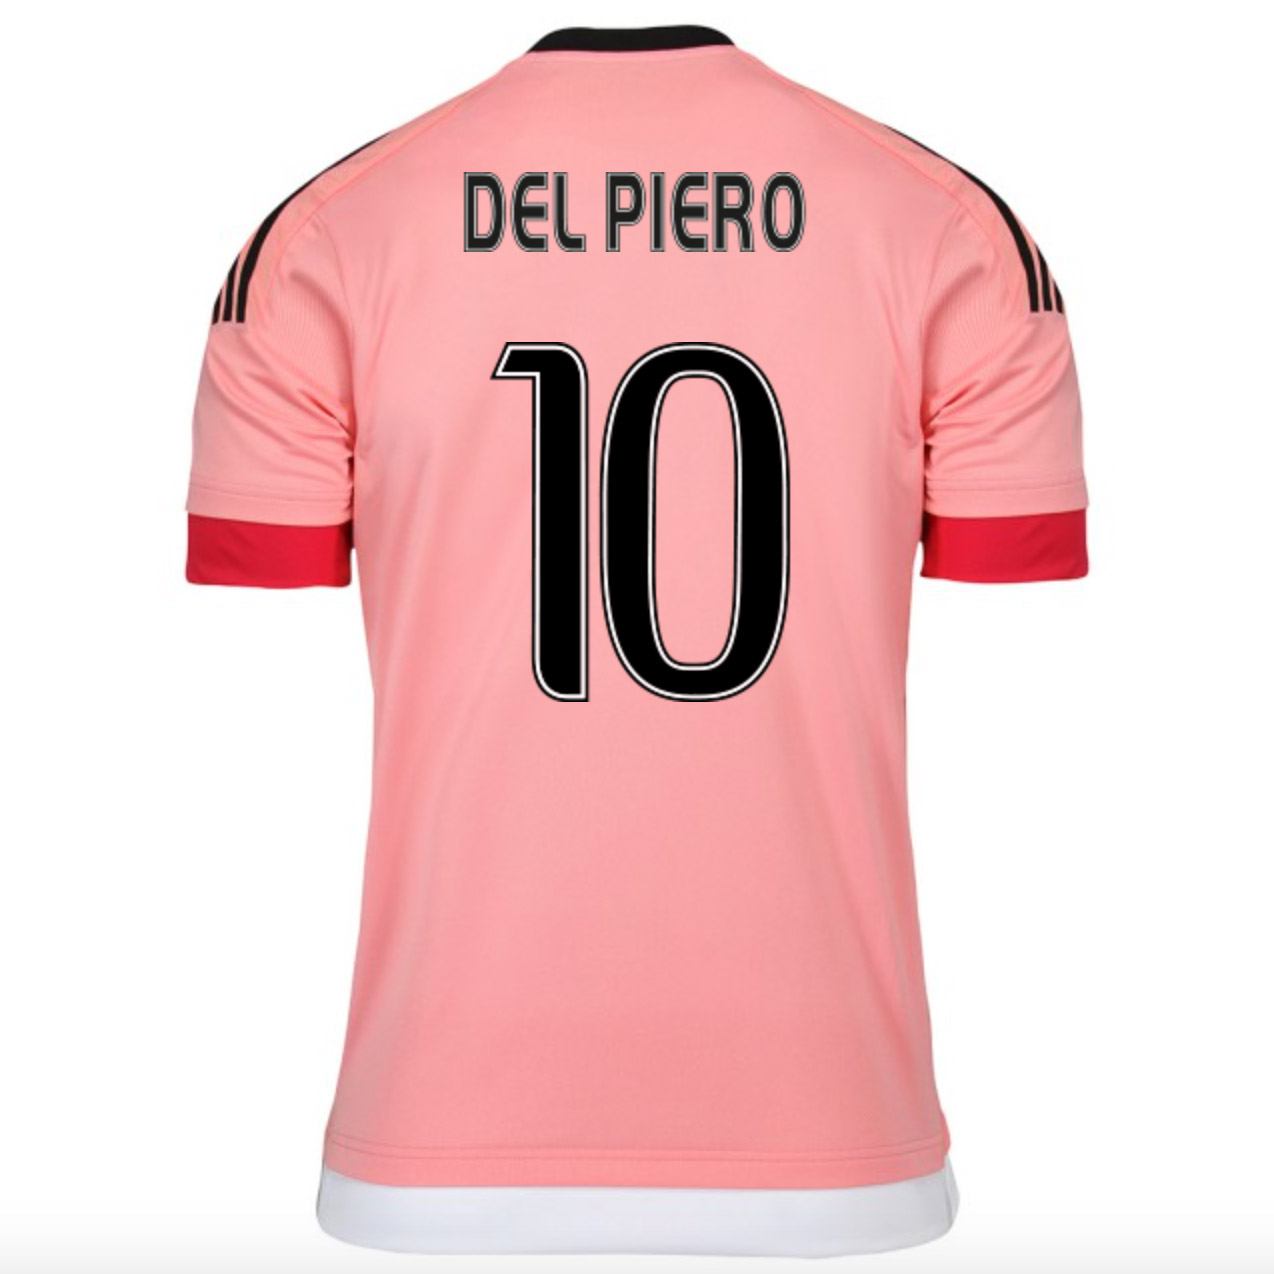 reputable site 43653 af417 15-16 Juventus Away Pink DEL PIERO #10 Soccer Jersey Shirt